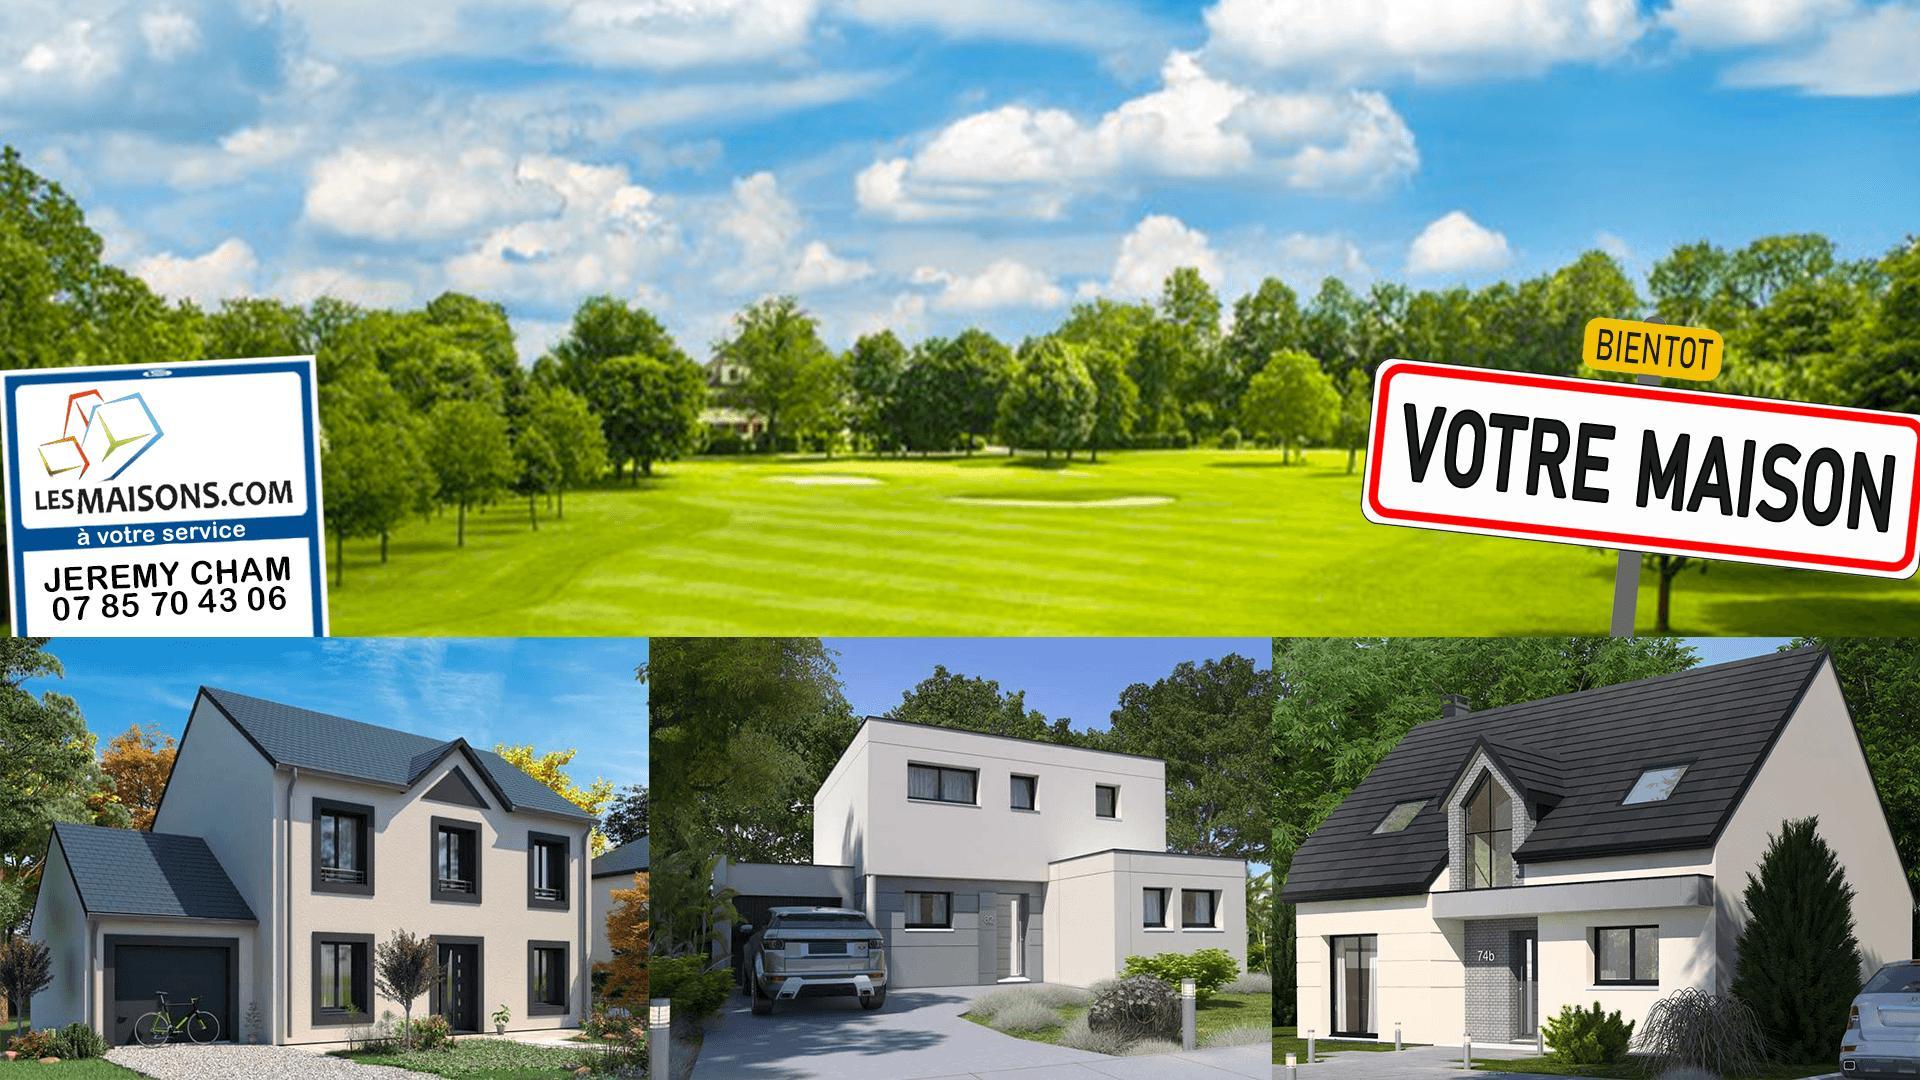 Maisons + Terrains du constructeur LES MAISONS.COM LA VILLE DU BOIS • 128 m² • DOURDAN